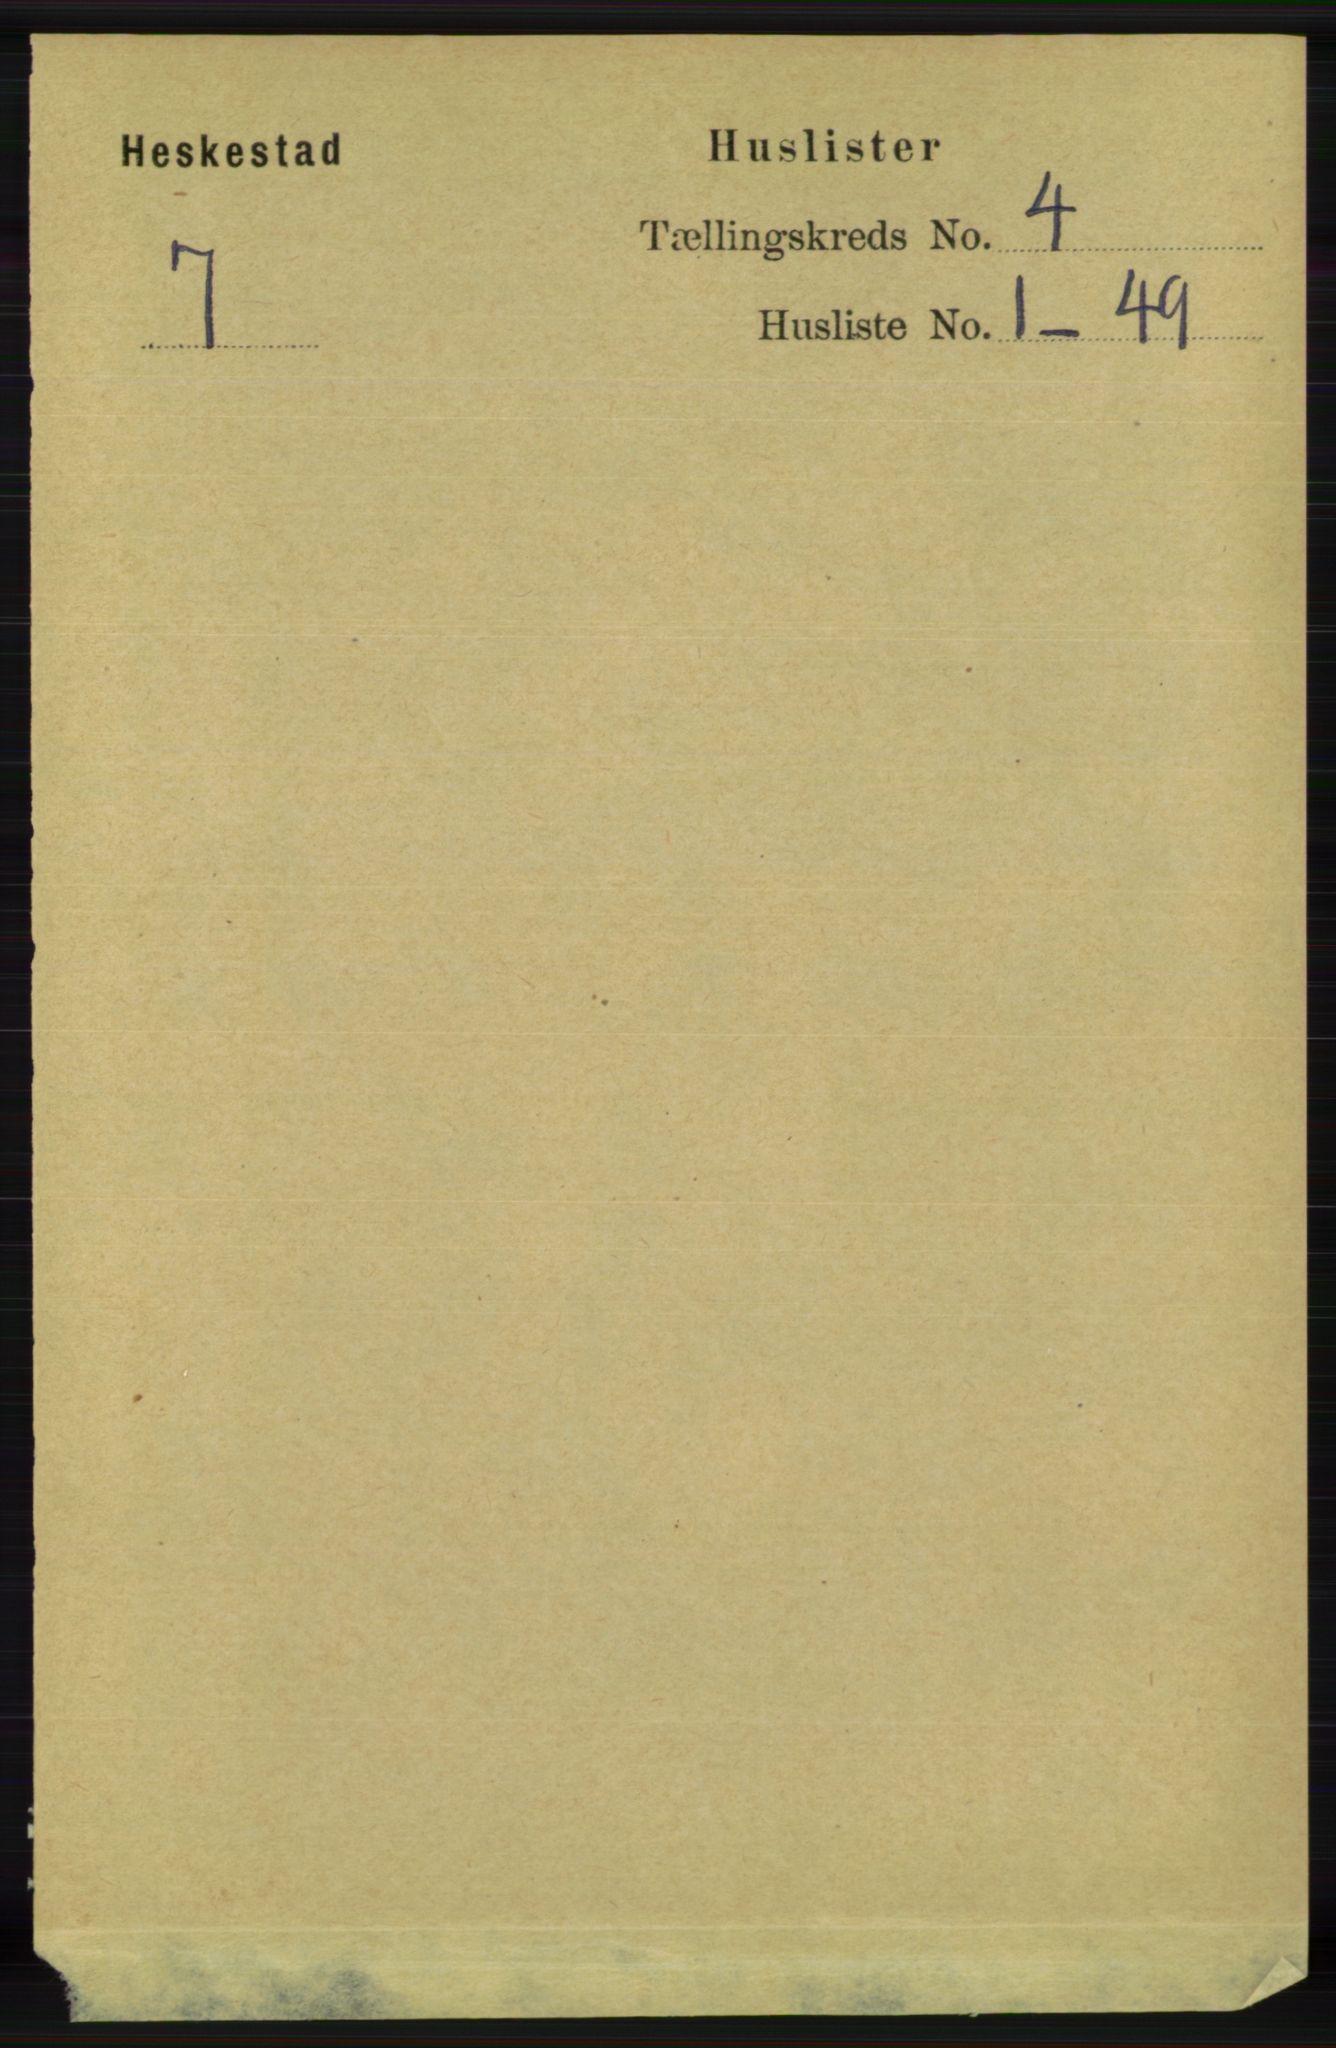 RA, Folketelling 1891 for 1113 Heskestad herred, 1891, s. 490